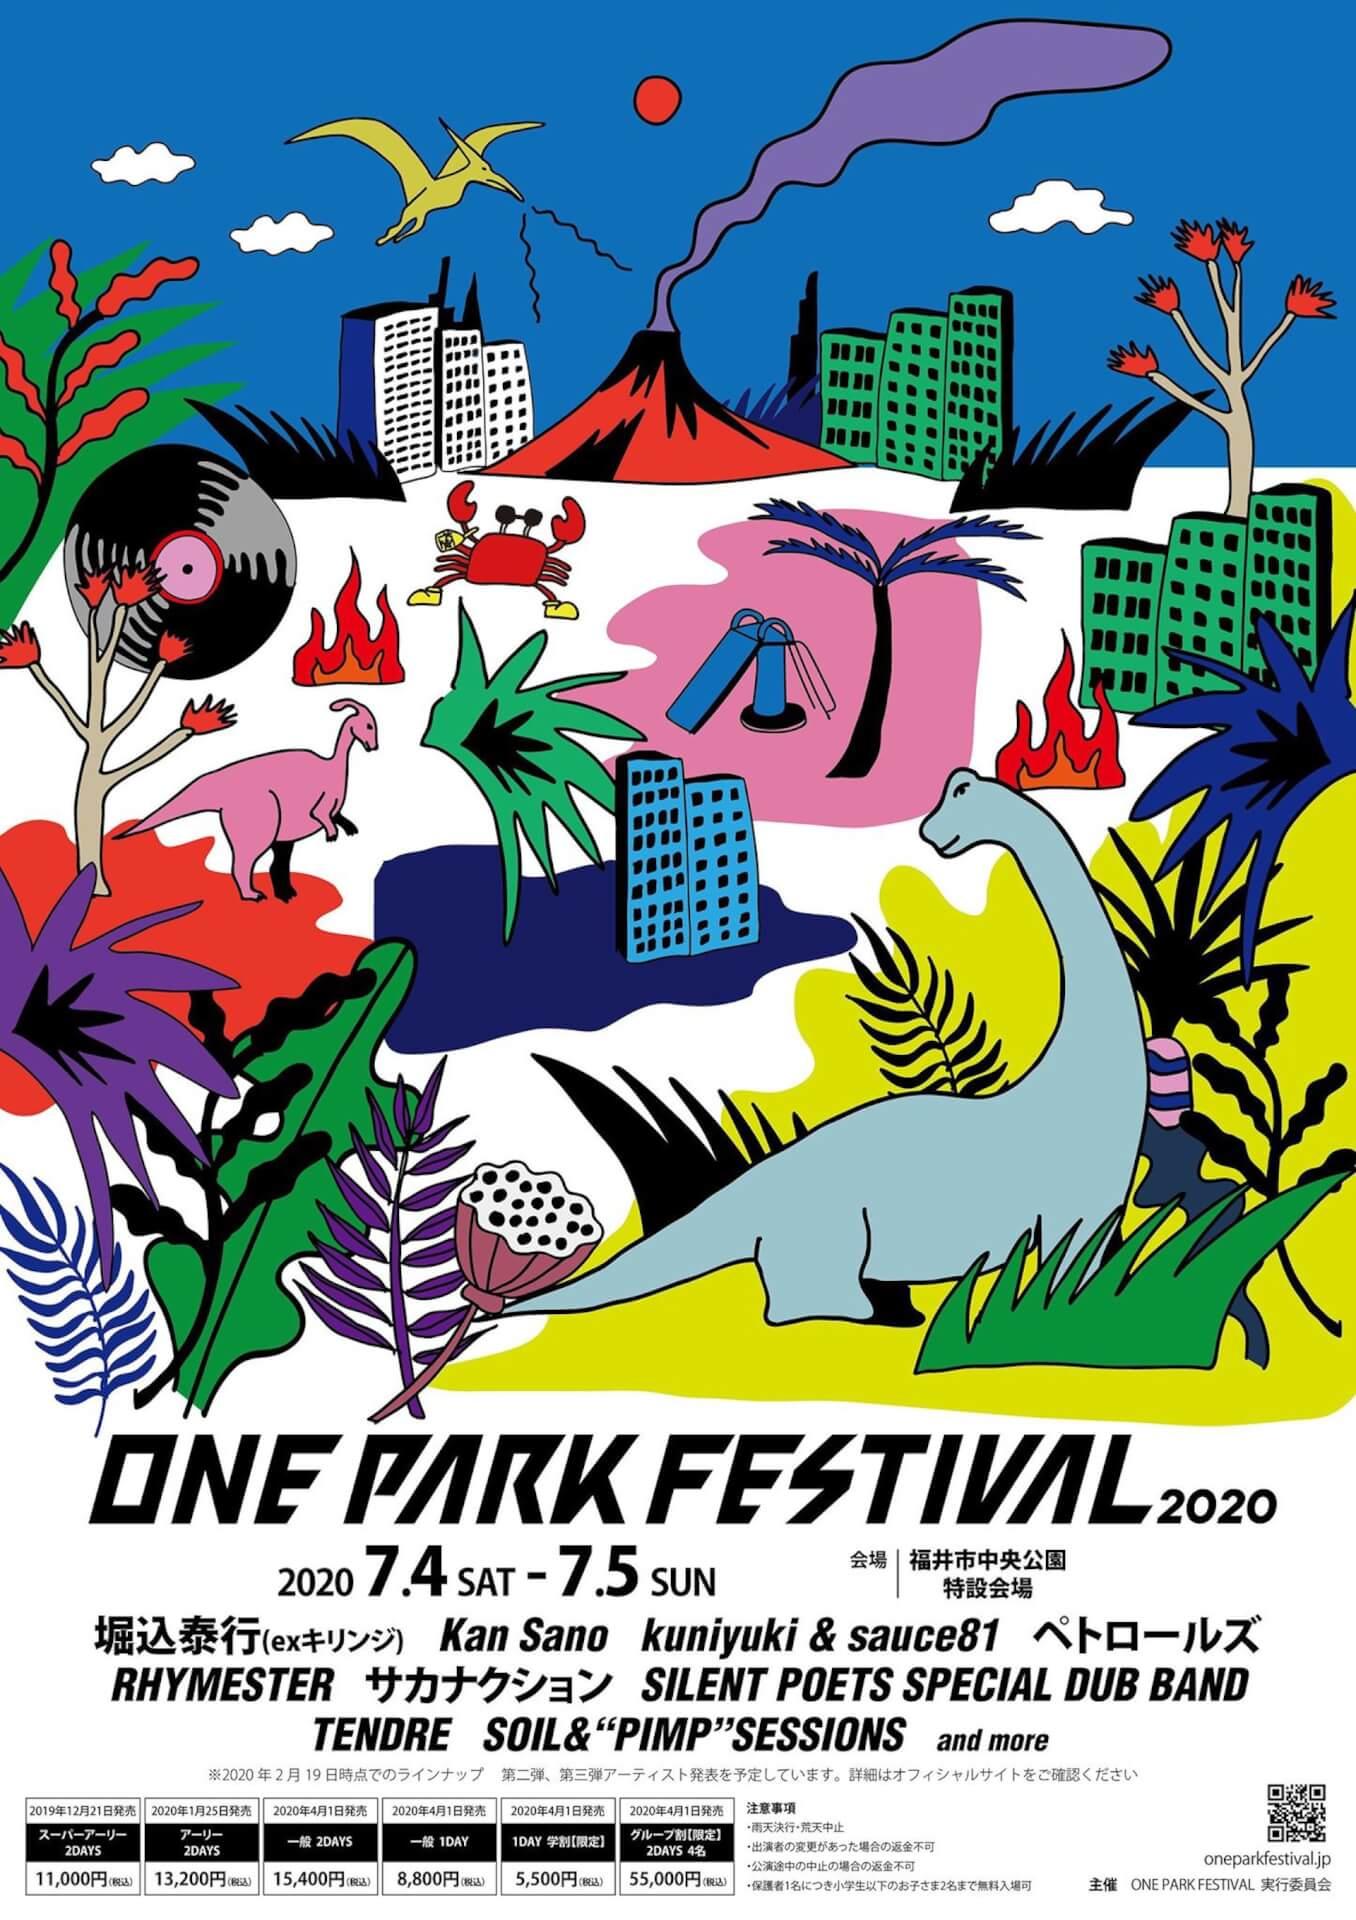 福井県で開催される<ONE PARK FESTIVAL2020>出演者第1弾発表!サカナクション、RHYMESTAR、ペトロールズら登場 music200219_oneparkfes_01